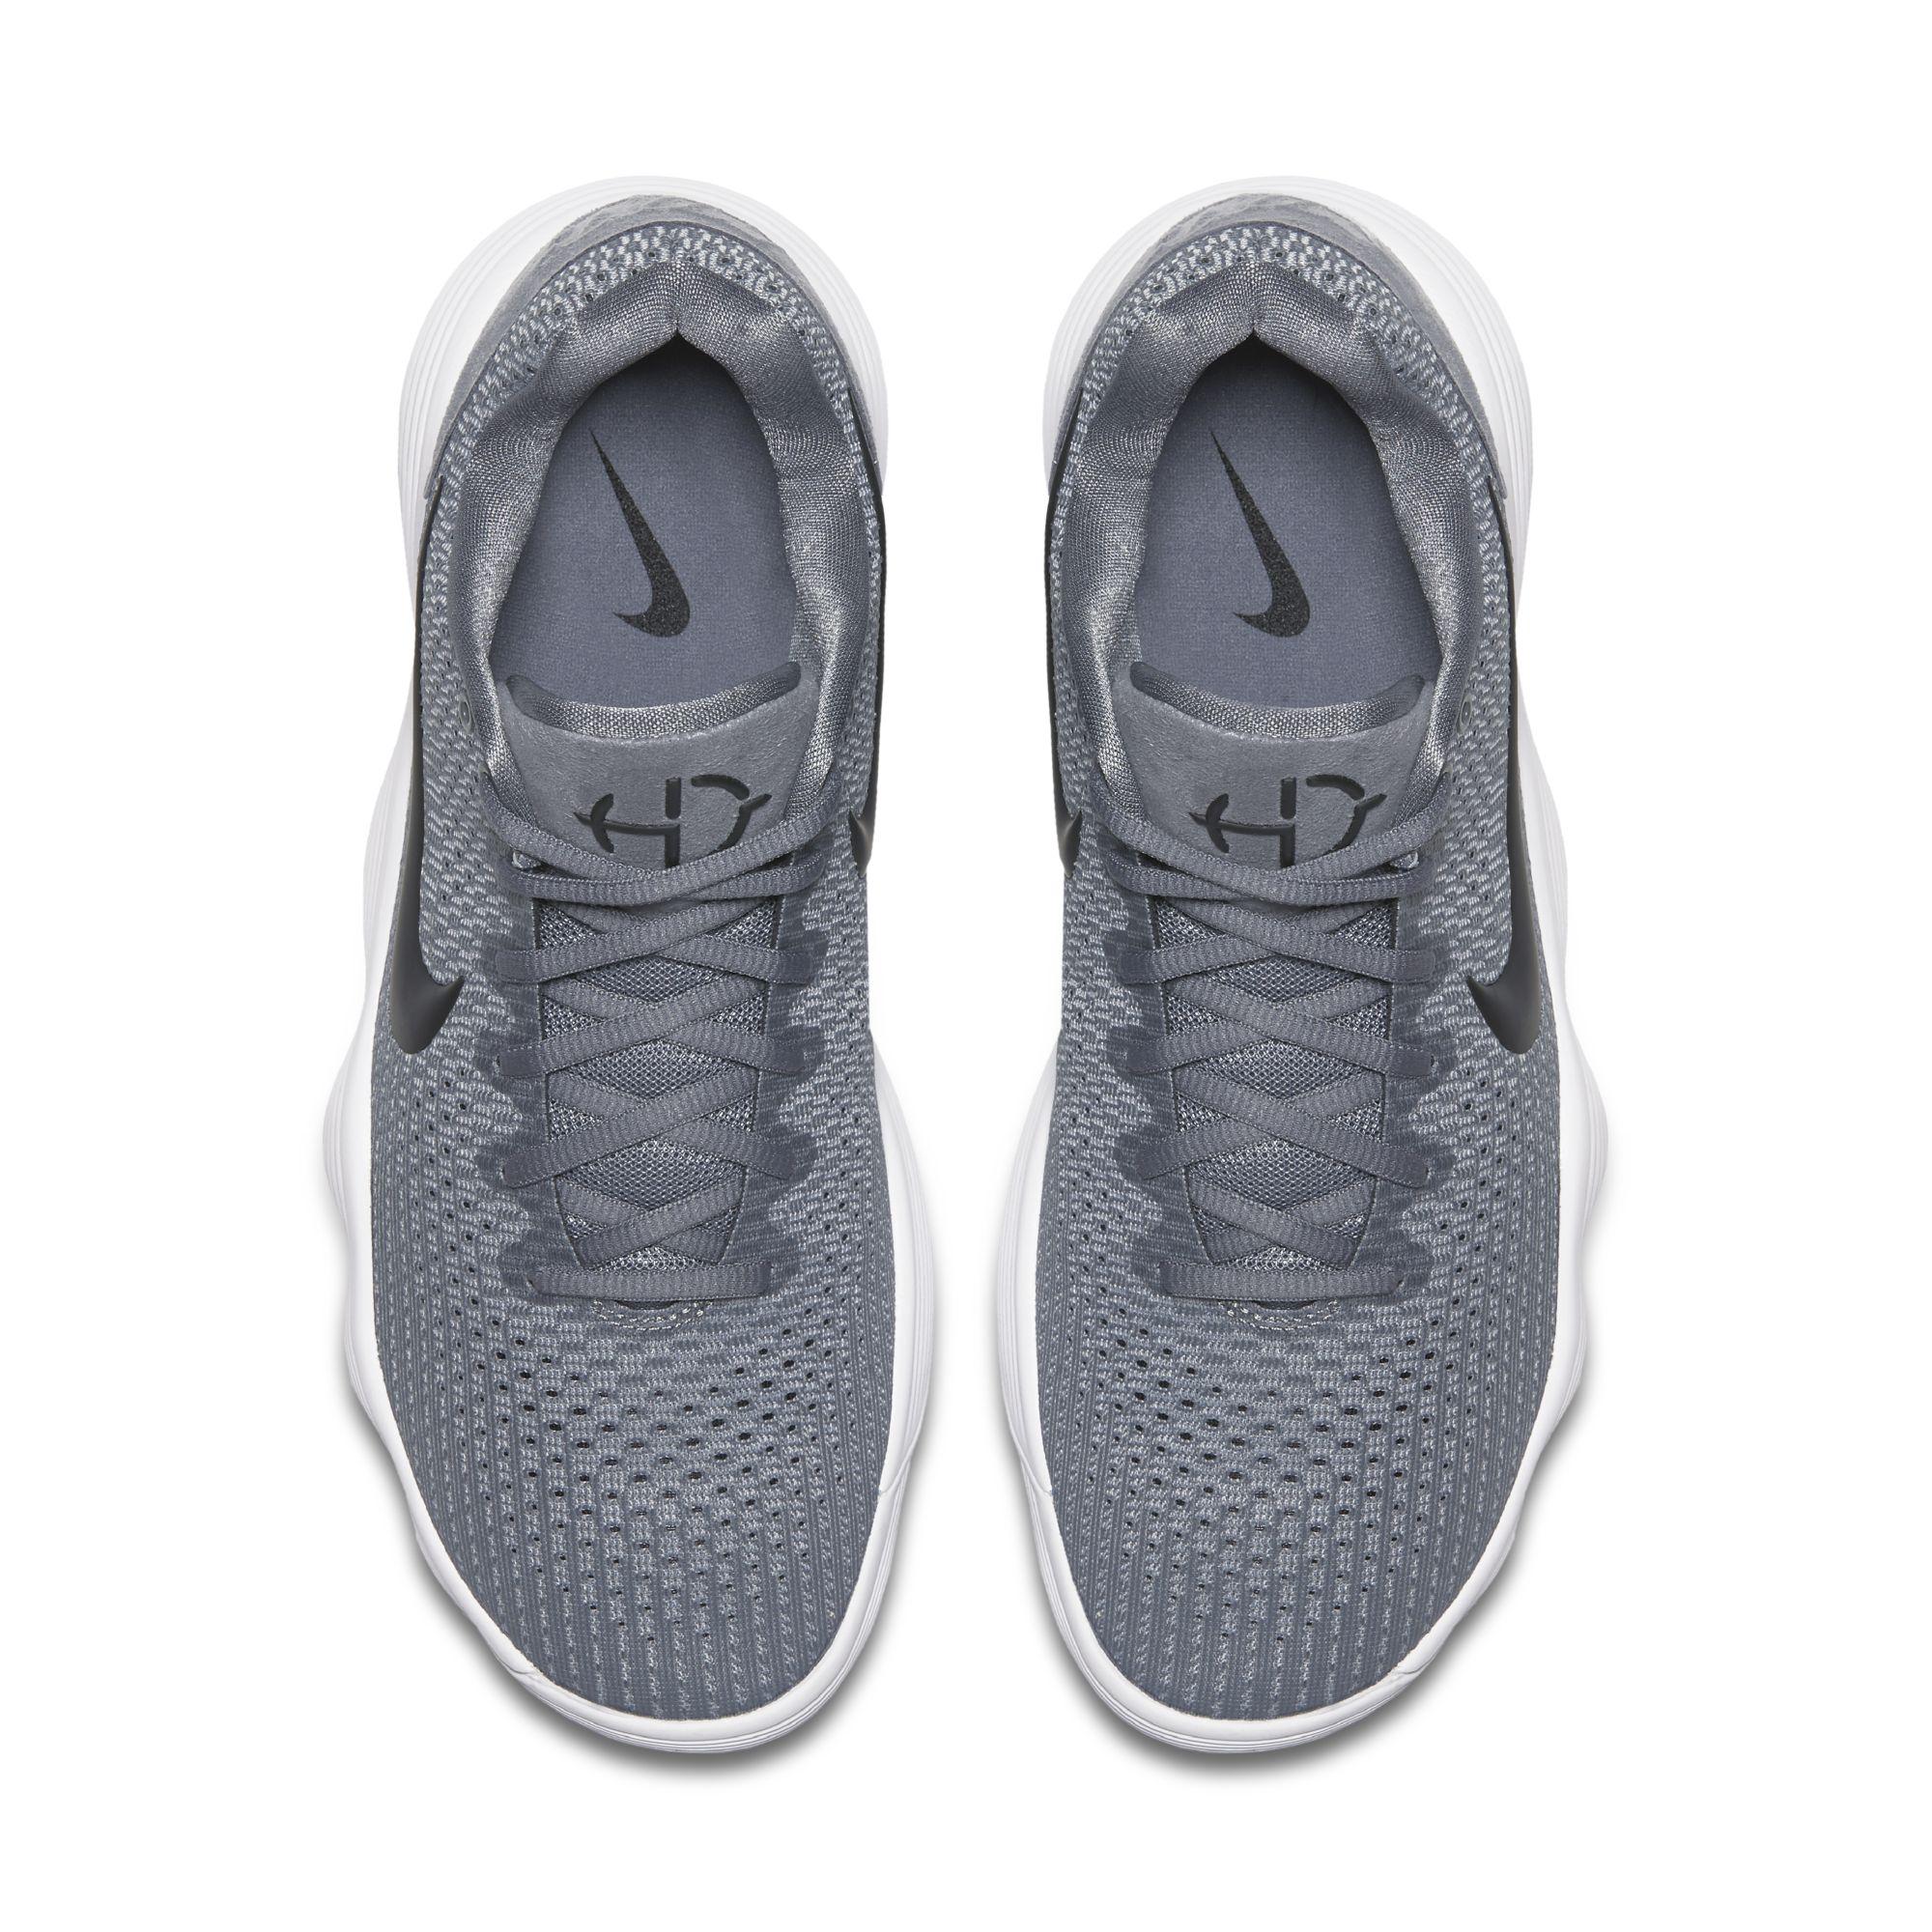 5e4c4c4d78a Nike Hyperdunk React Womens